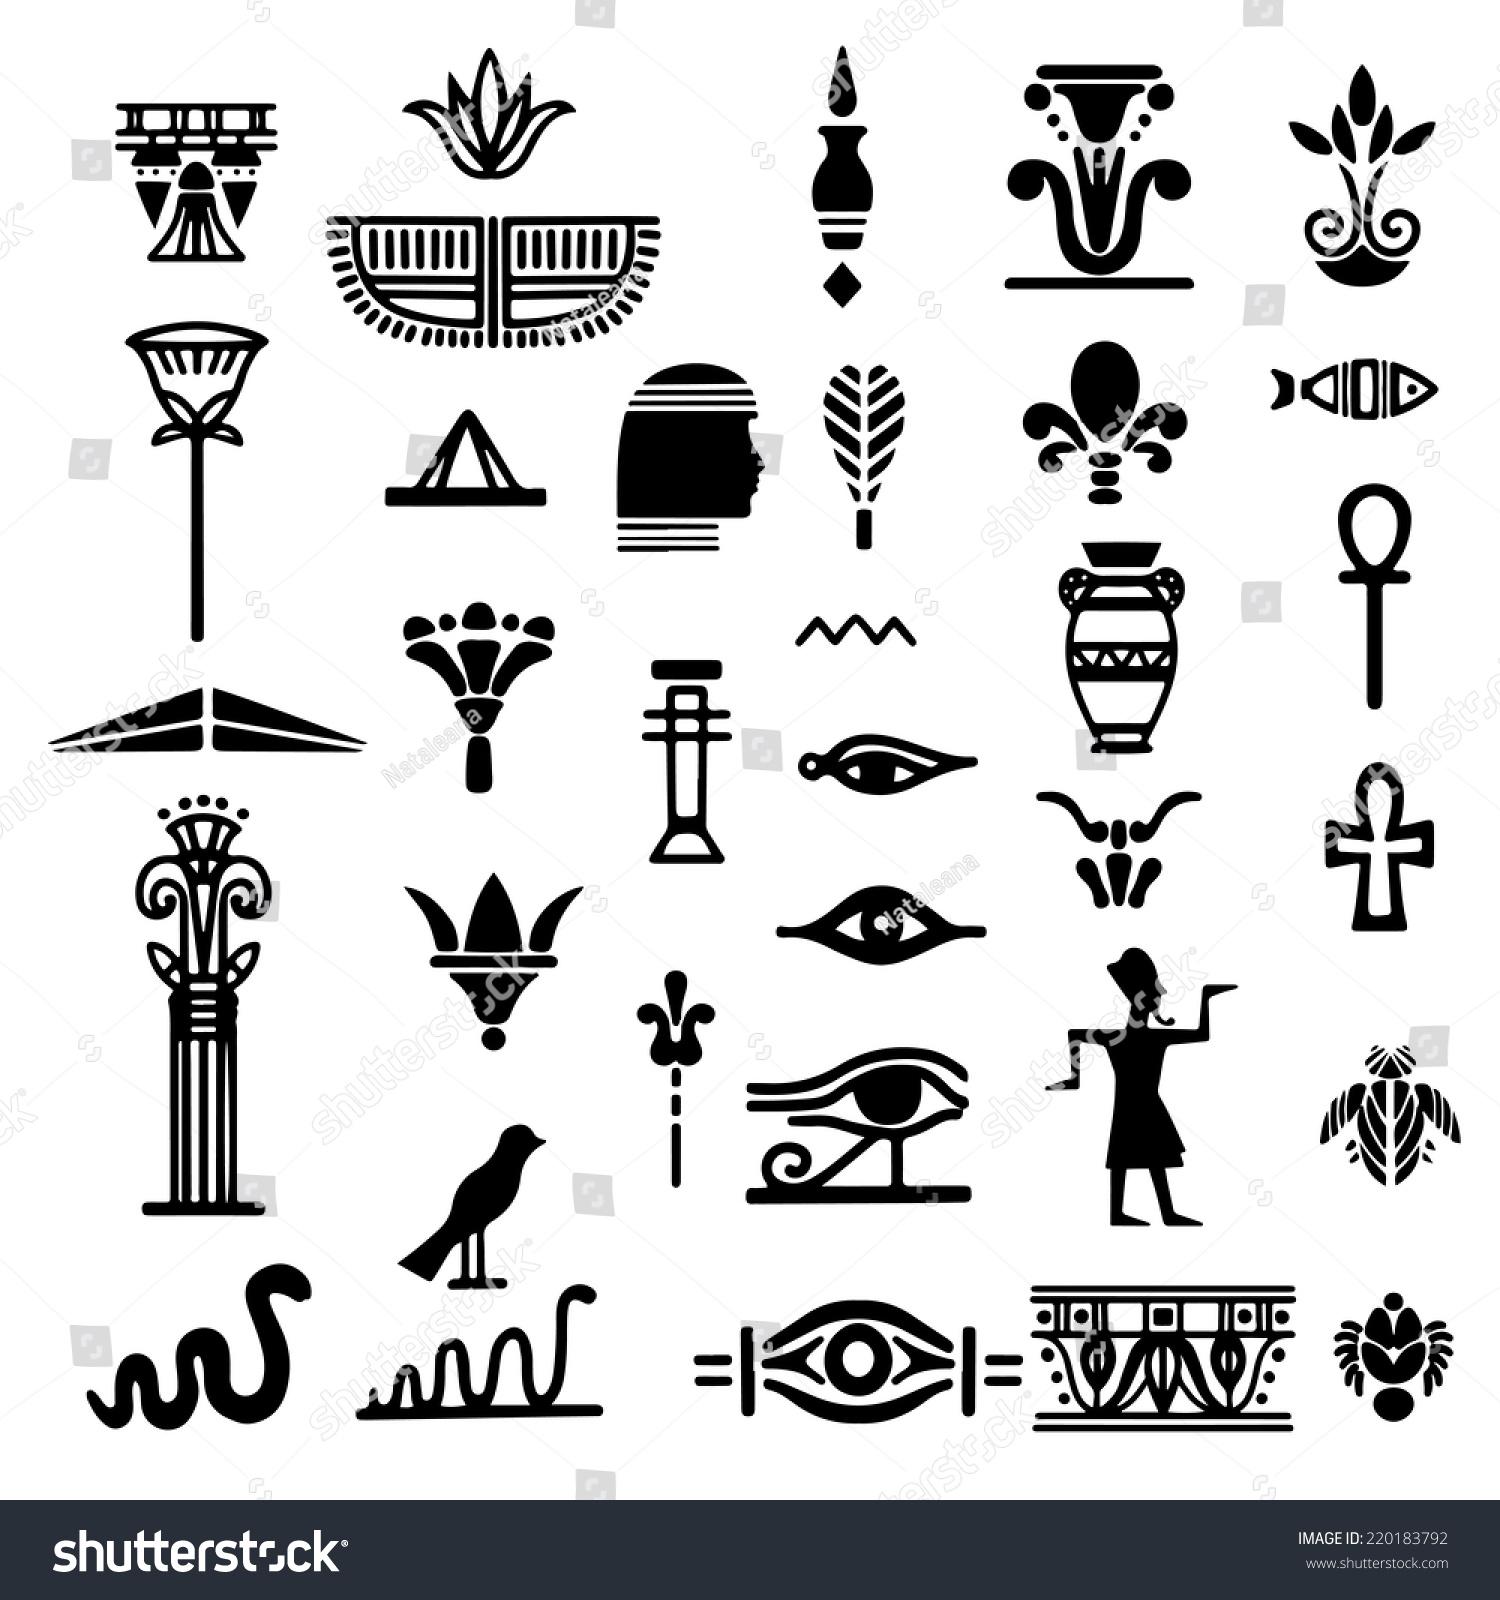 122ccf7ee Tribal art Egyptian ethnic icon. Egypt… Stock Photo 220183792 ...